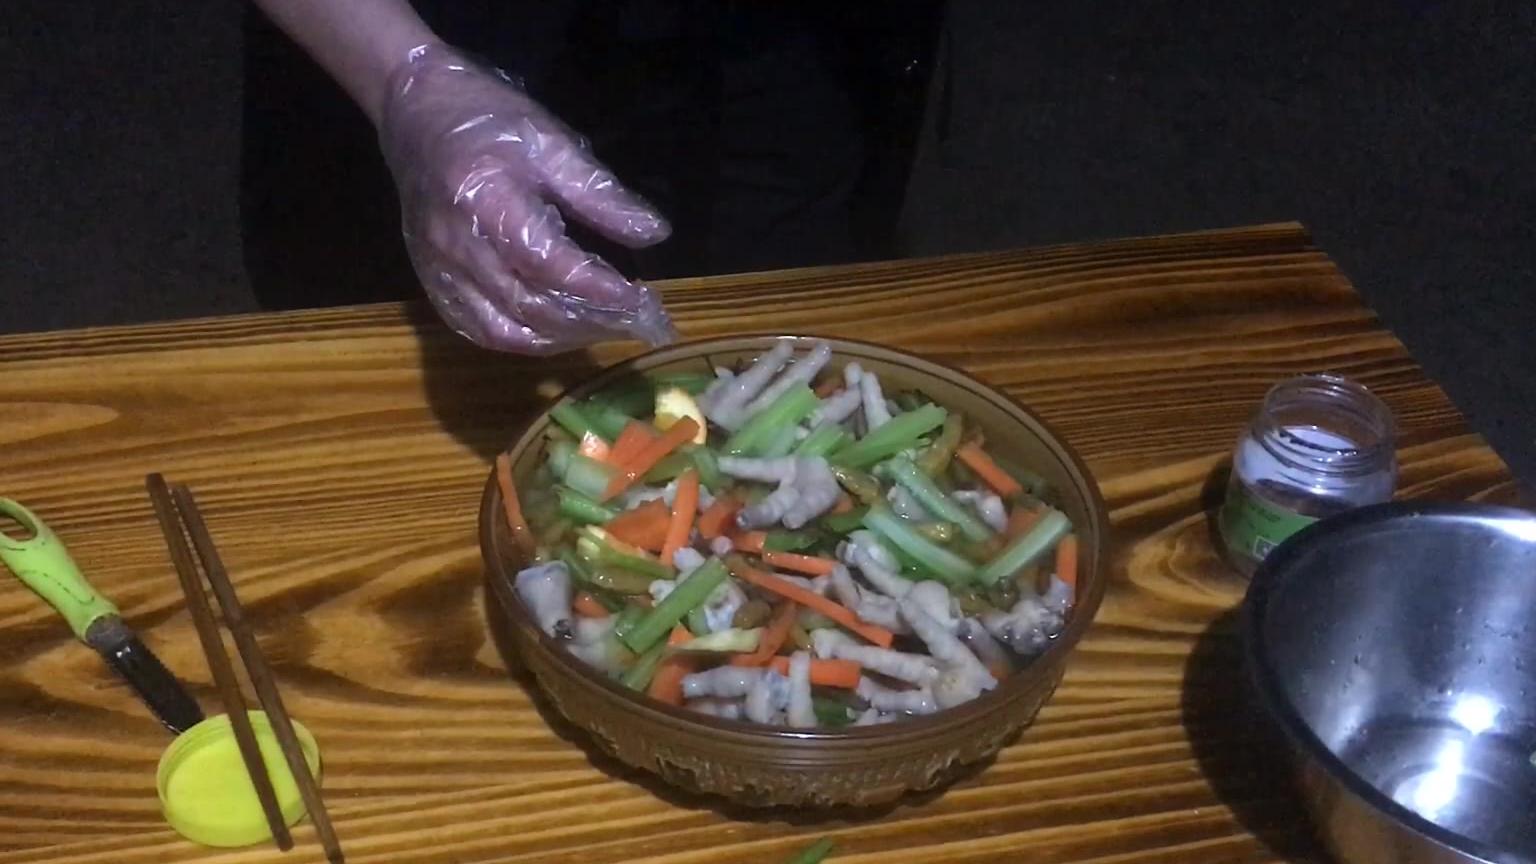 老妈要吃泡椒鸡爪,儿子买来两斤自己做,成品出来老妈想打人!